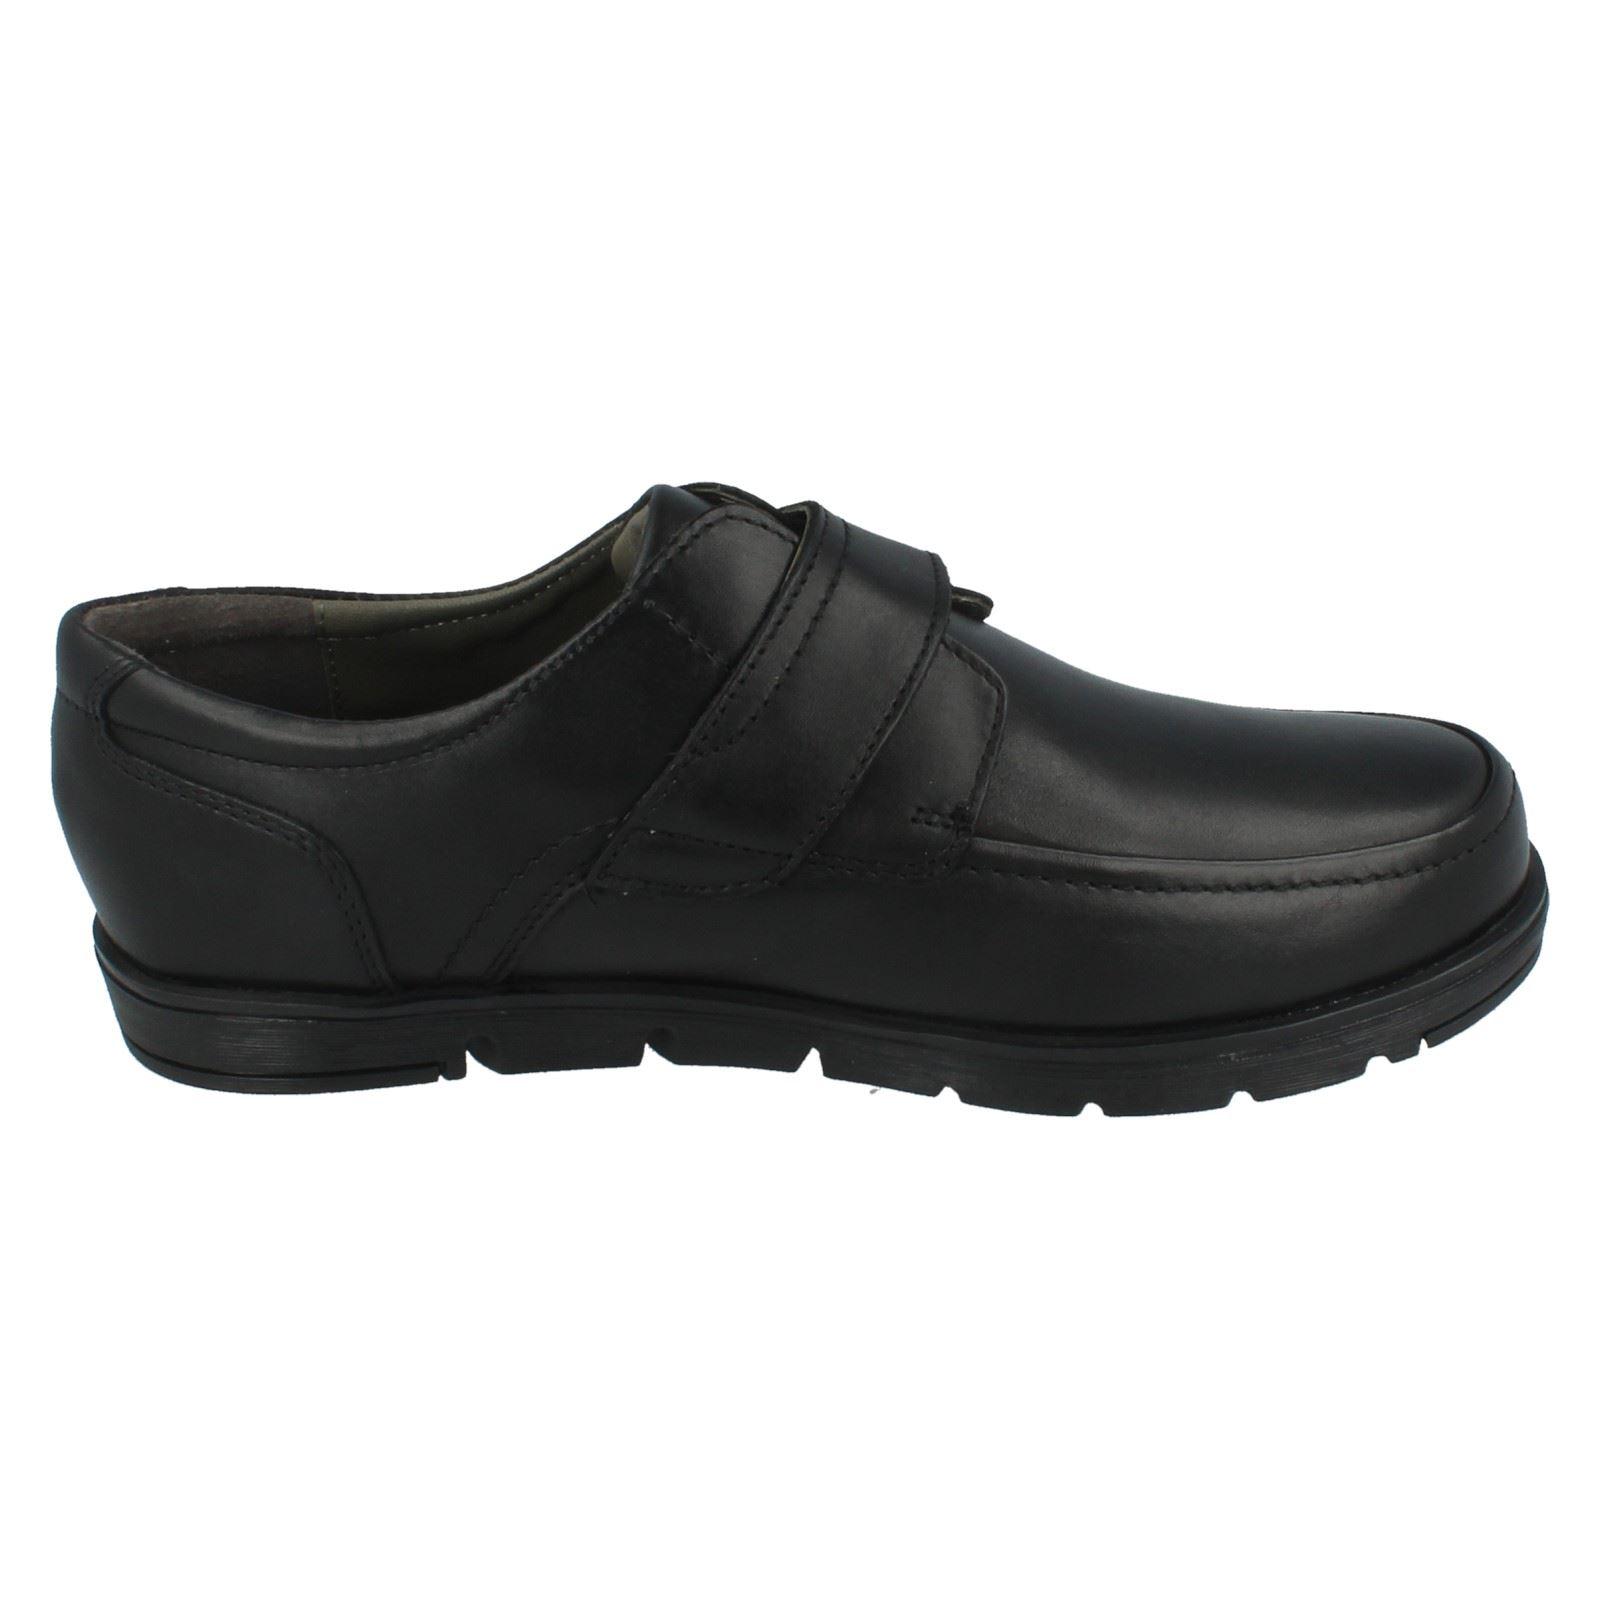 Para Para Para hombres cuero zapatos Hush Puppies Nova ~ N Descuento por tiempo limitado 429fd2